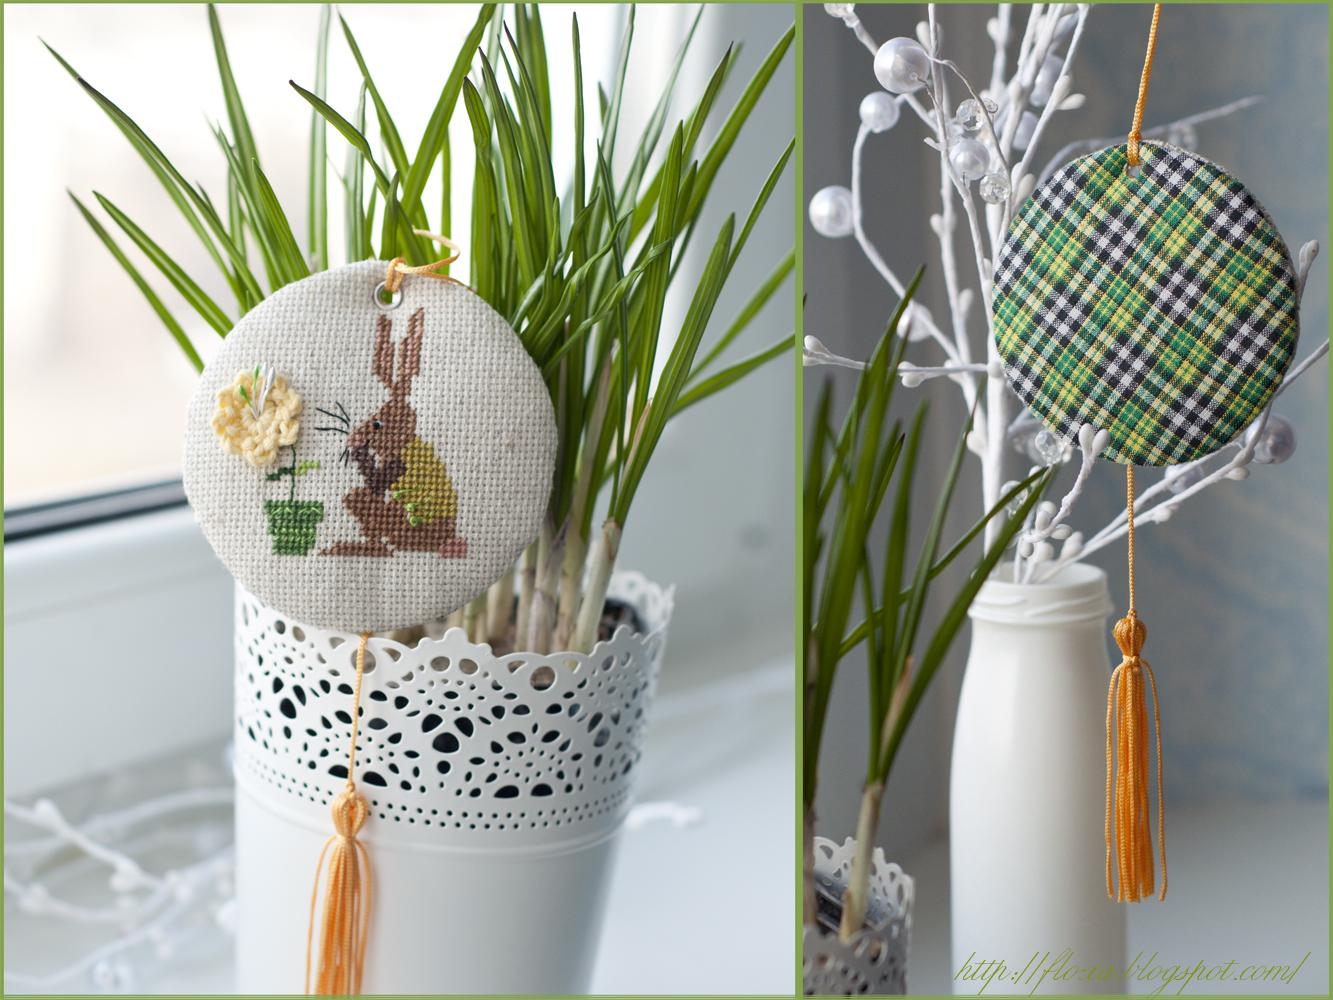 Christiane Dahlbeck, вышивка кролик, кролик весна, пинкип с вышивкой, схема вышивки кролик